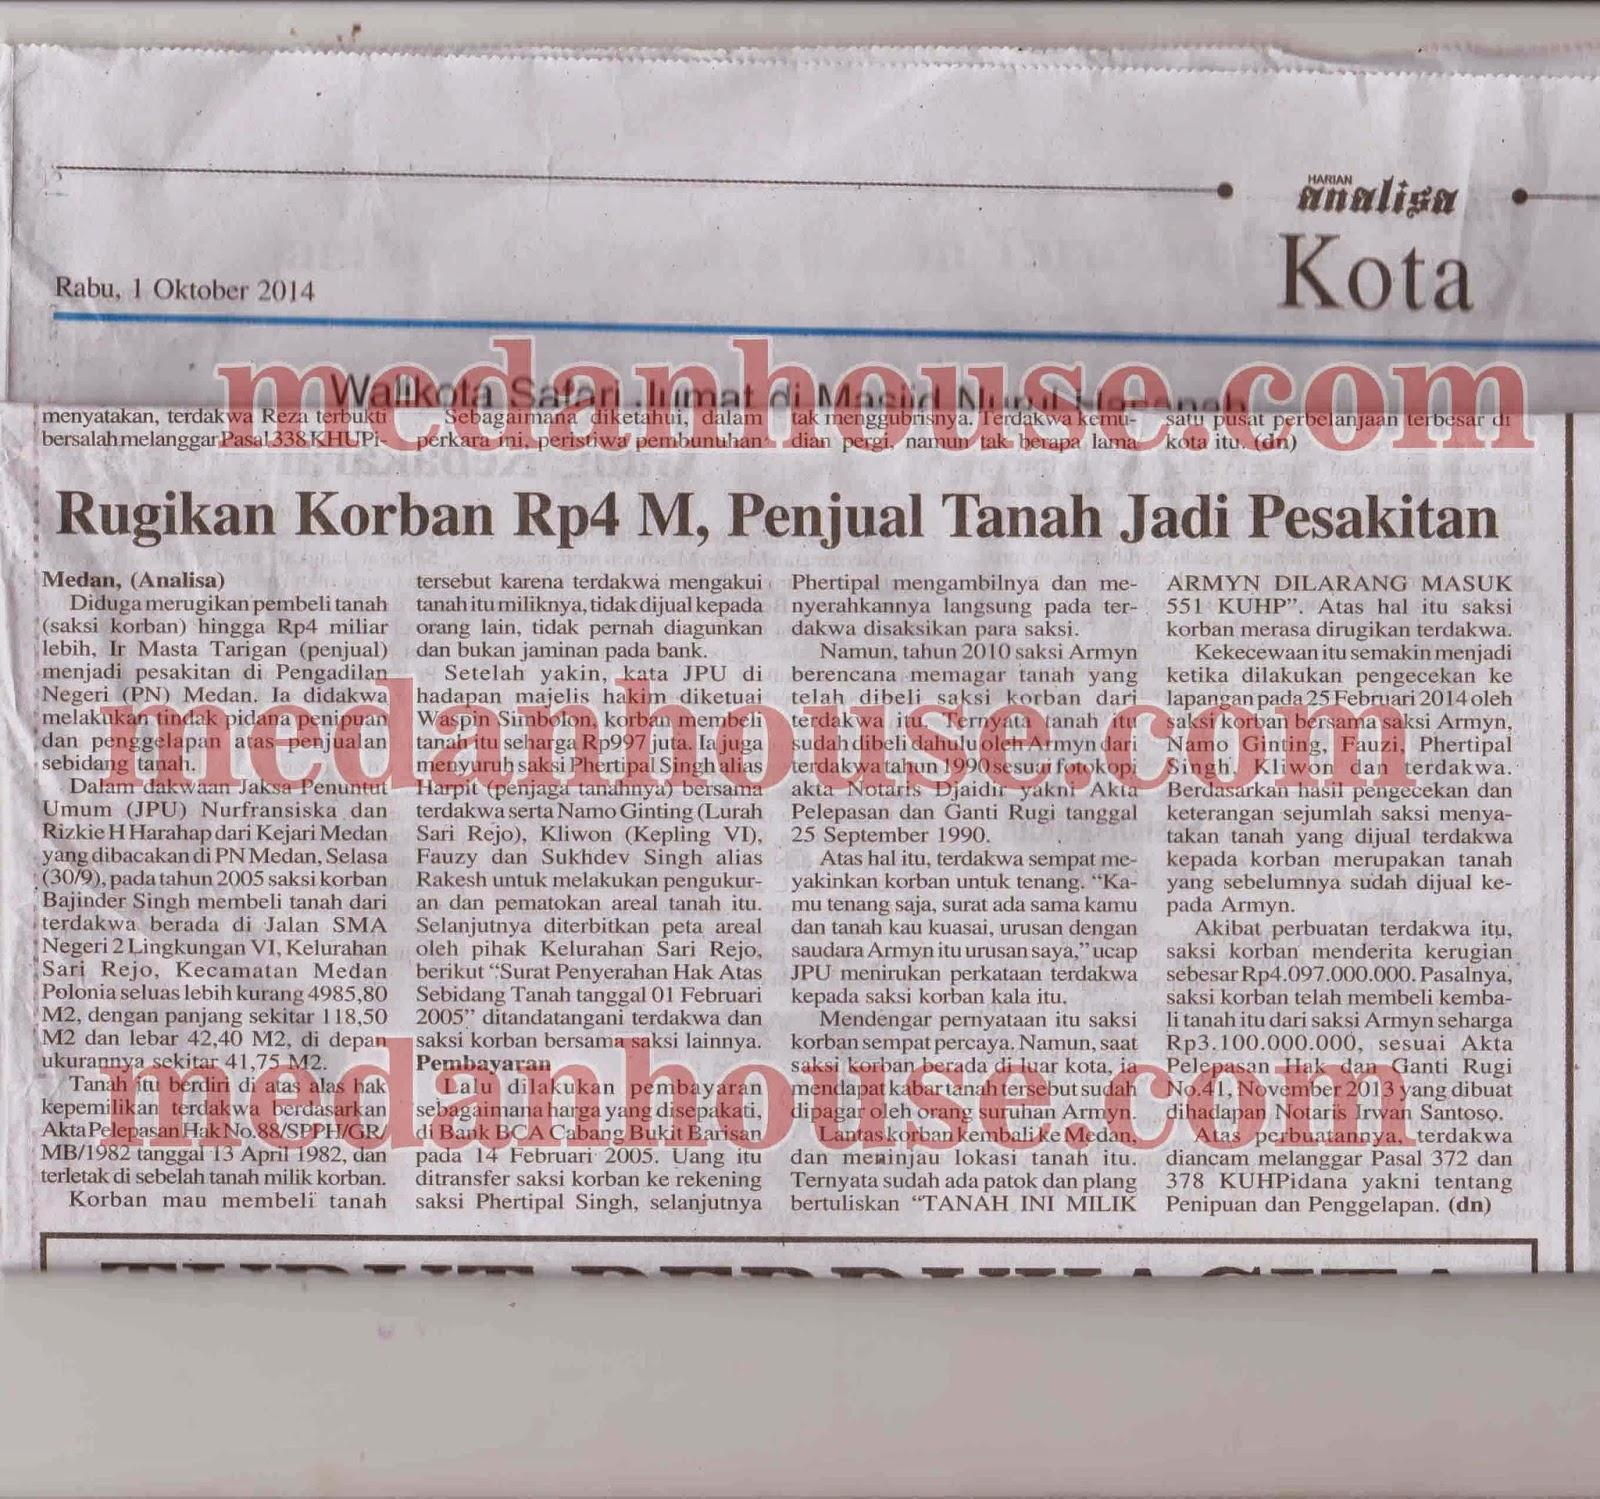 klipping koran analisa - kasus penipuan